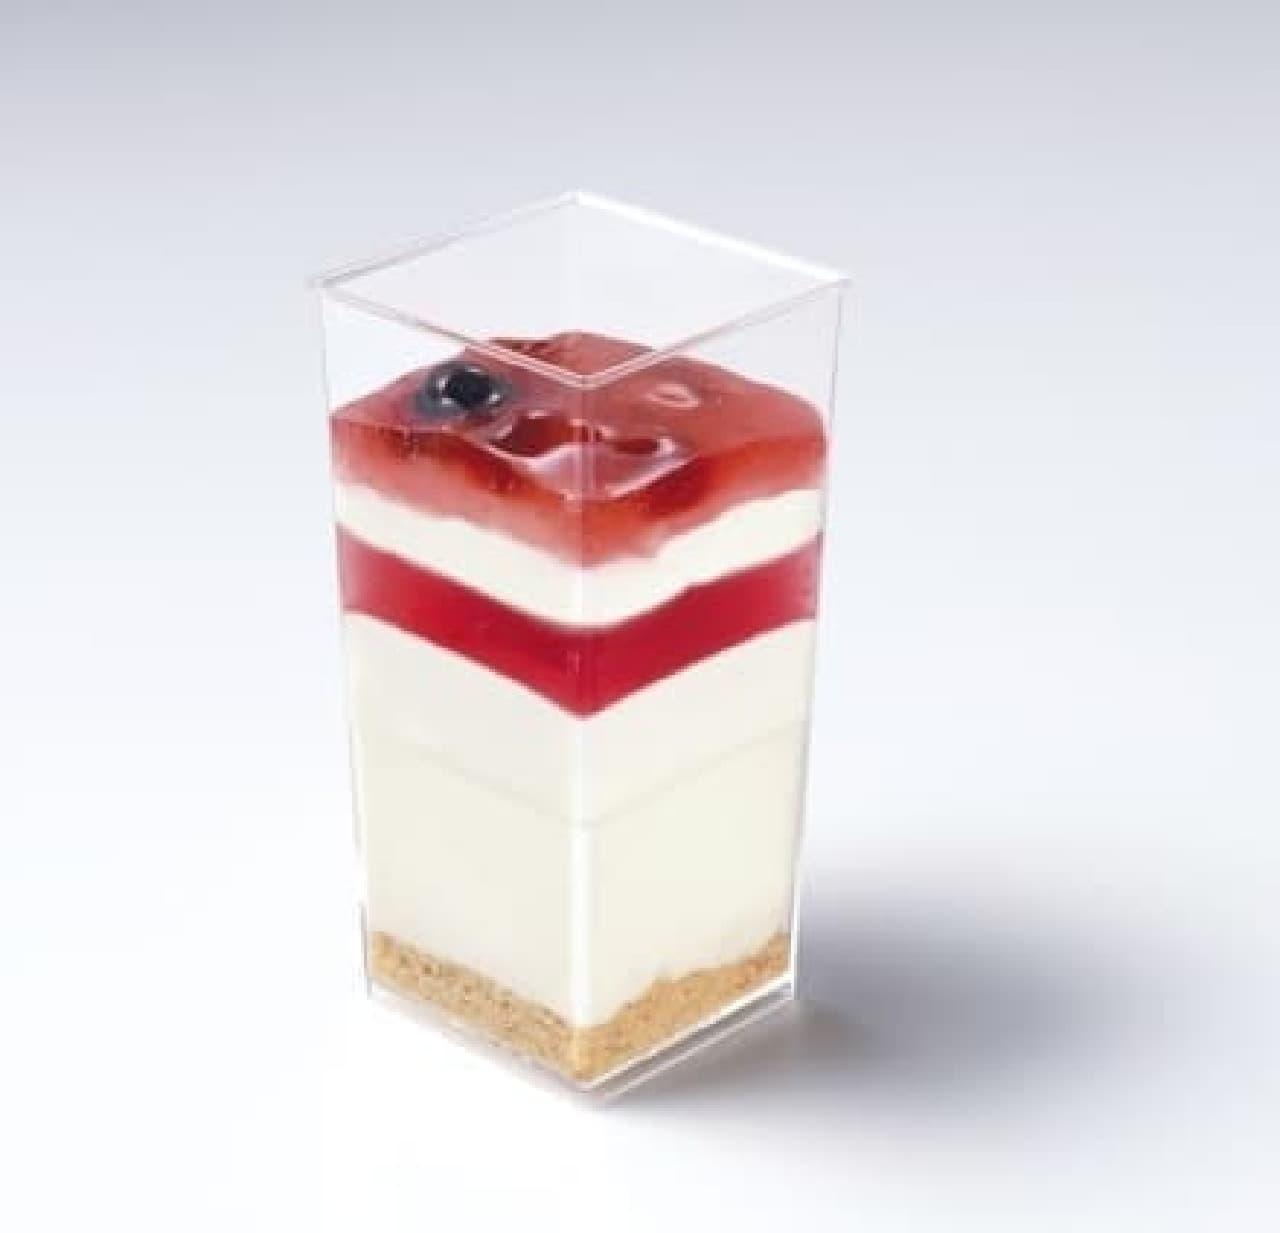 サークルKサンクス、山田優さん監修「豆乳が入ったレアチーズ」